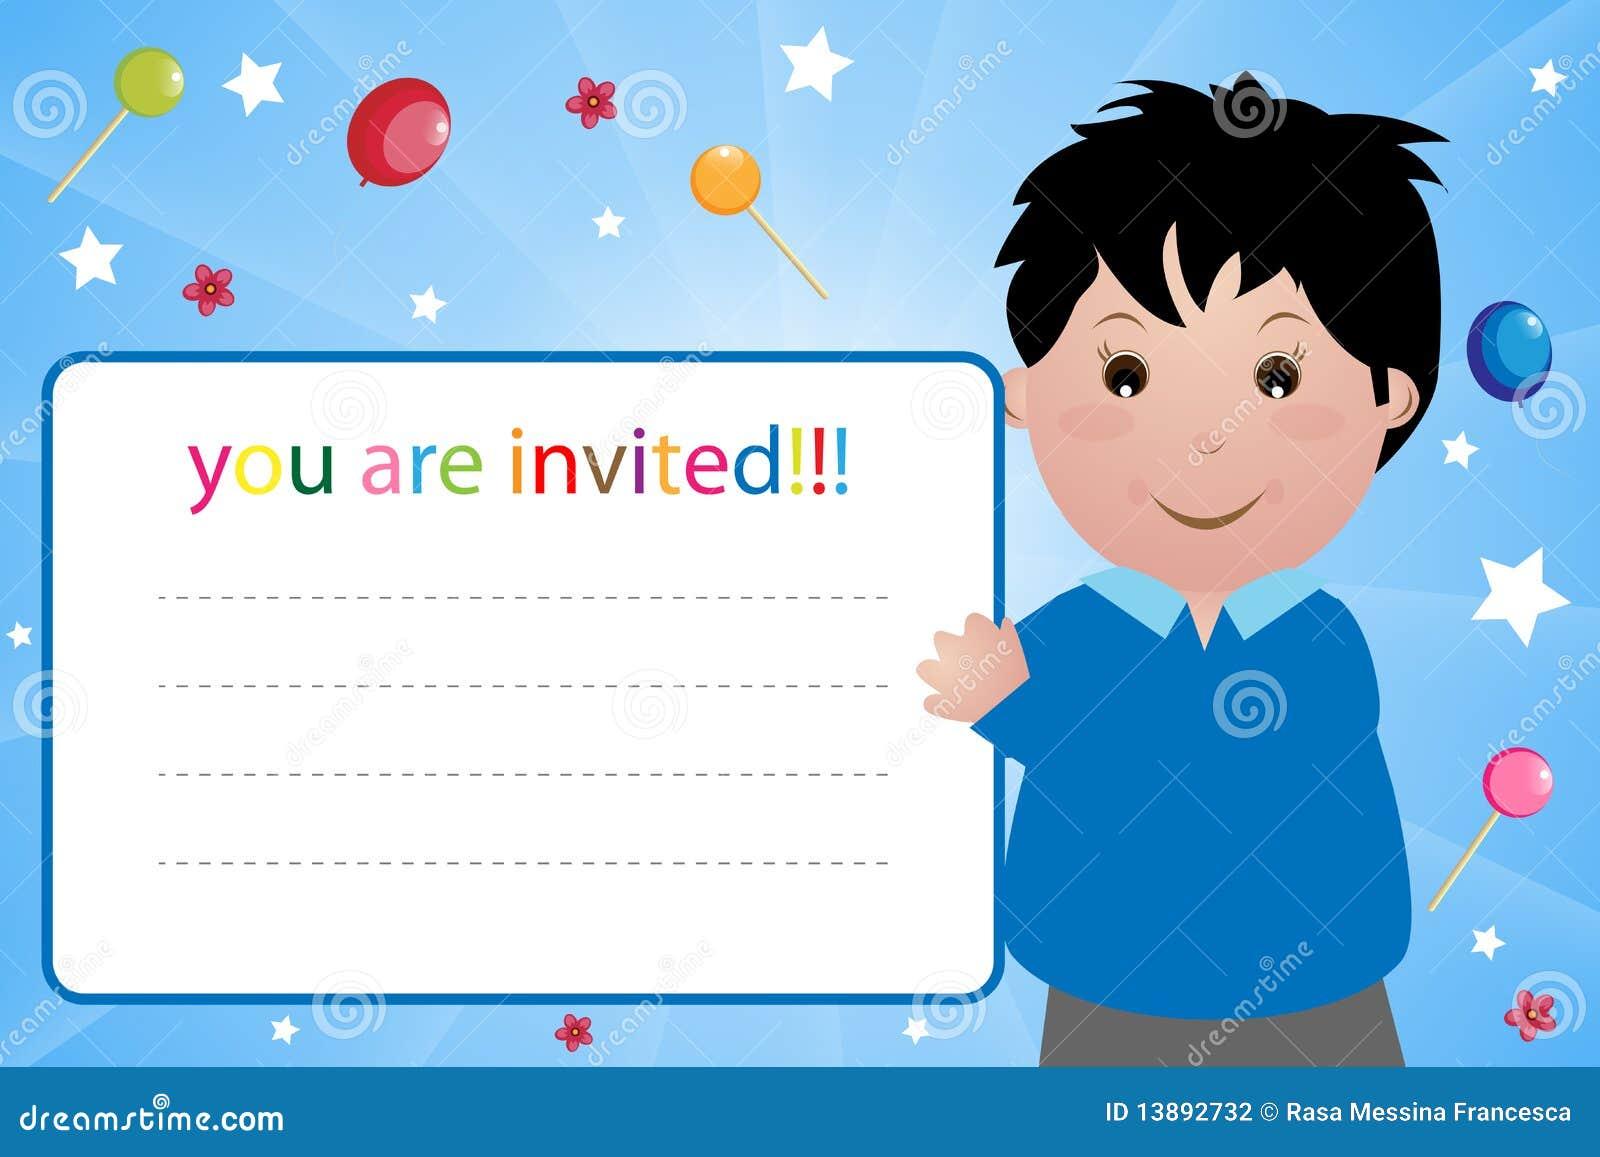 Train Birthday Invite for nice invitations design